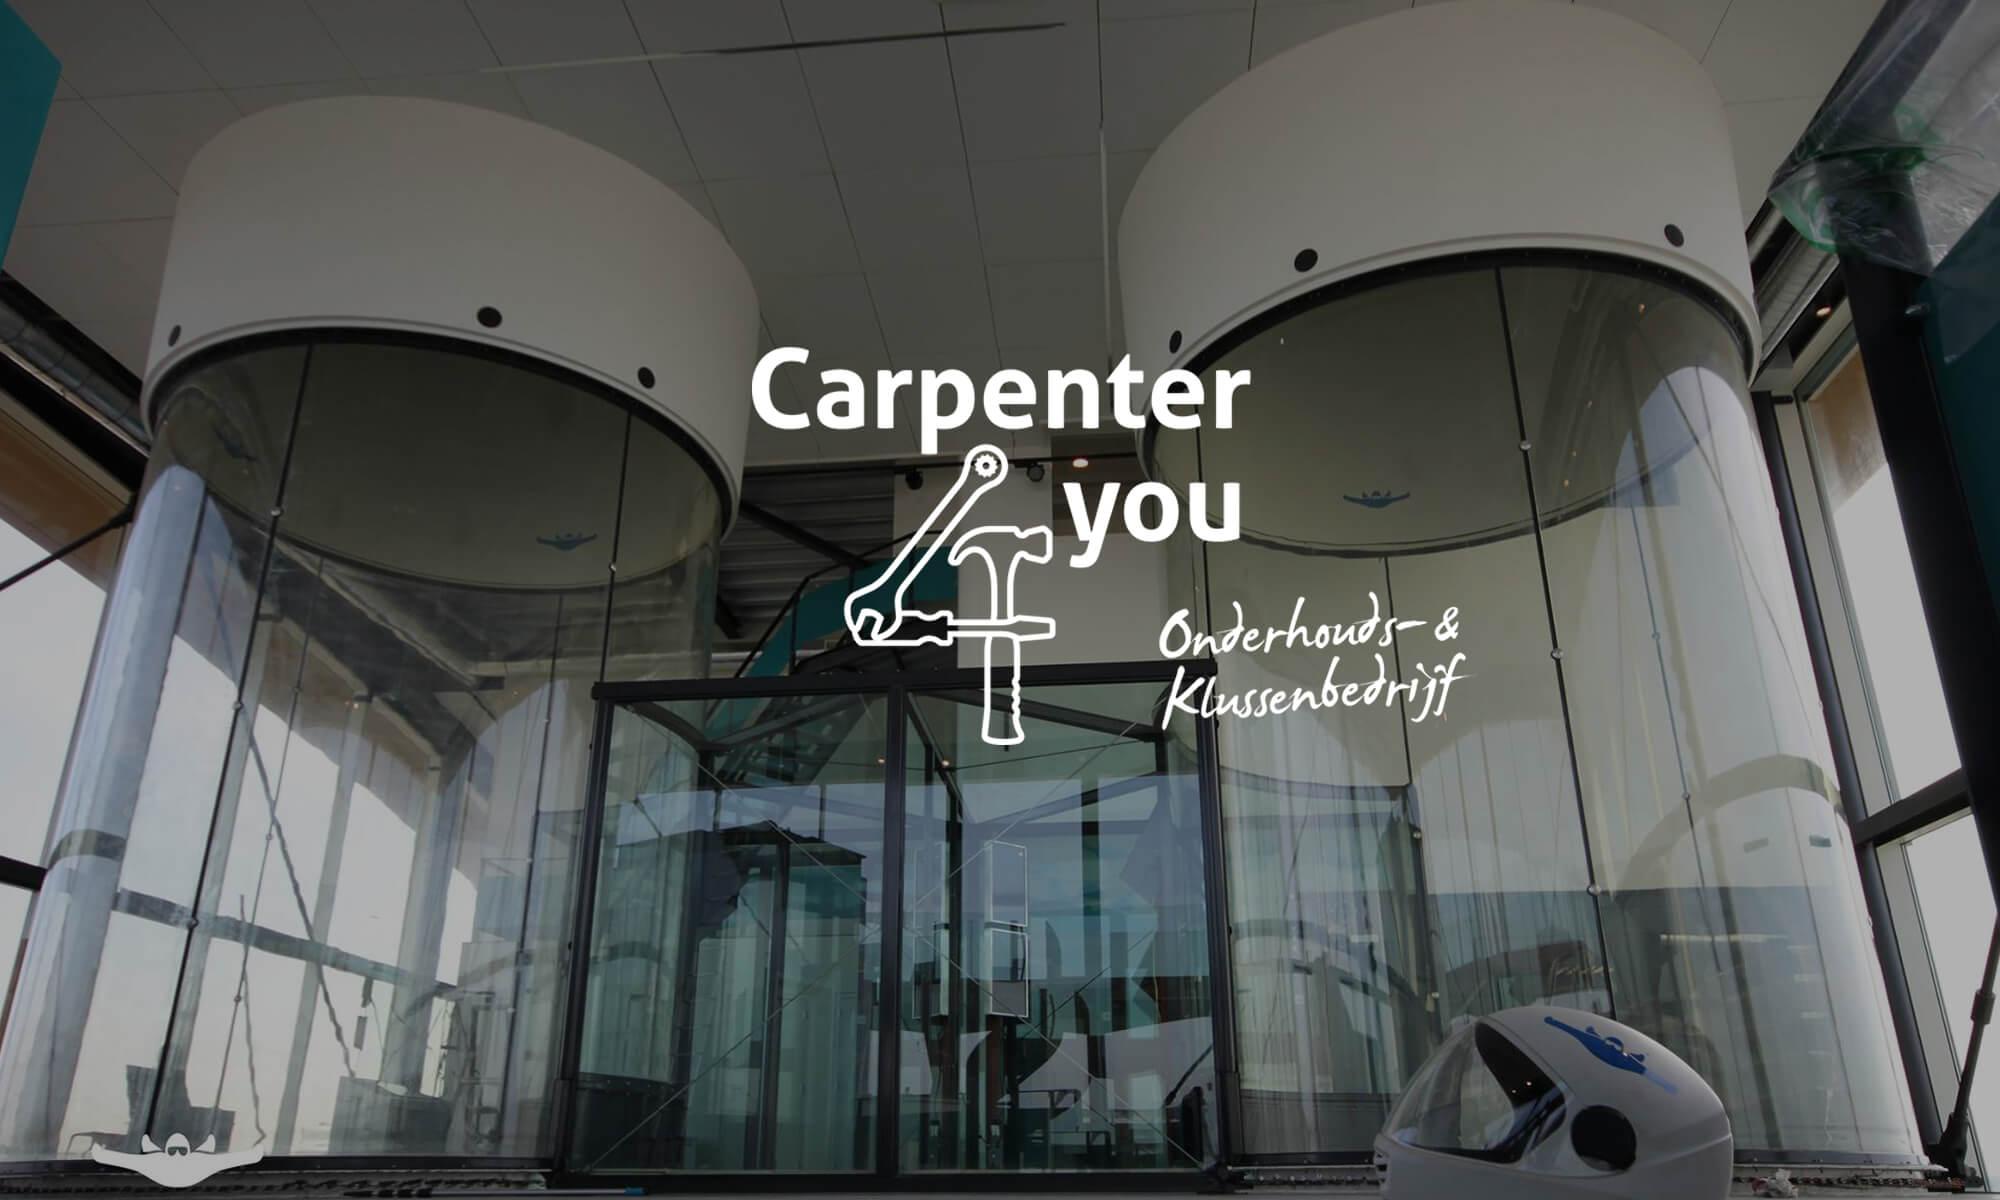 Carpenter 4 you